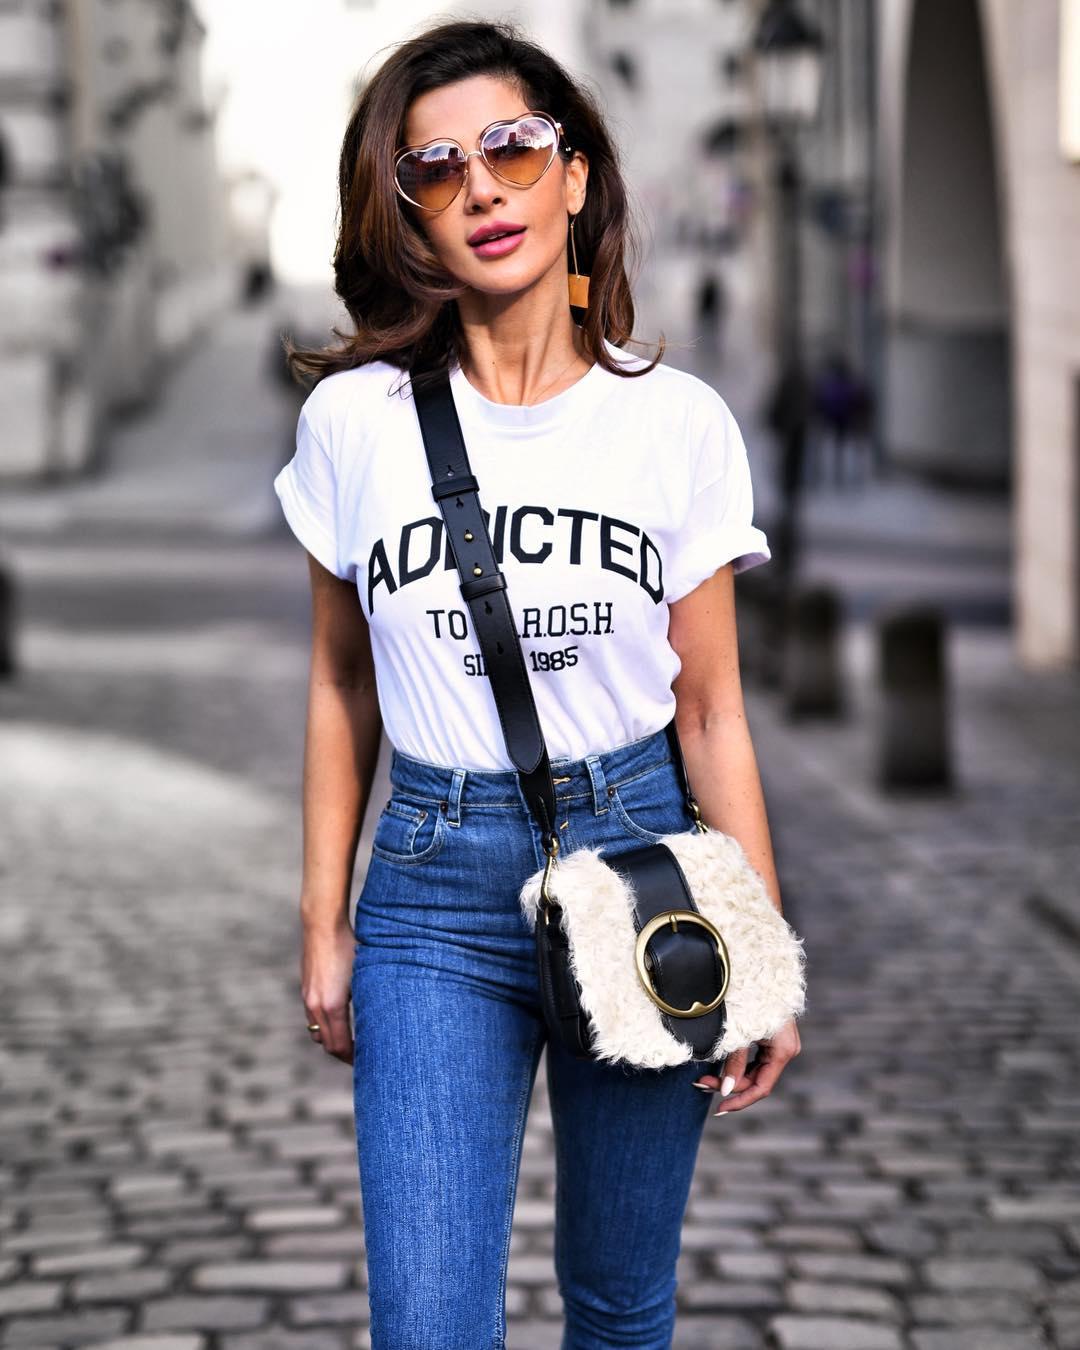 Джинсы и белая футболка фото 1